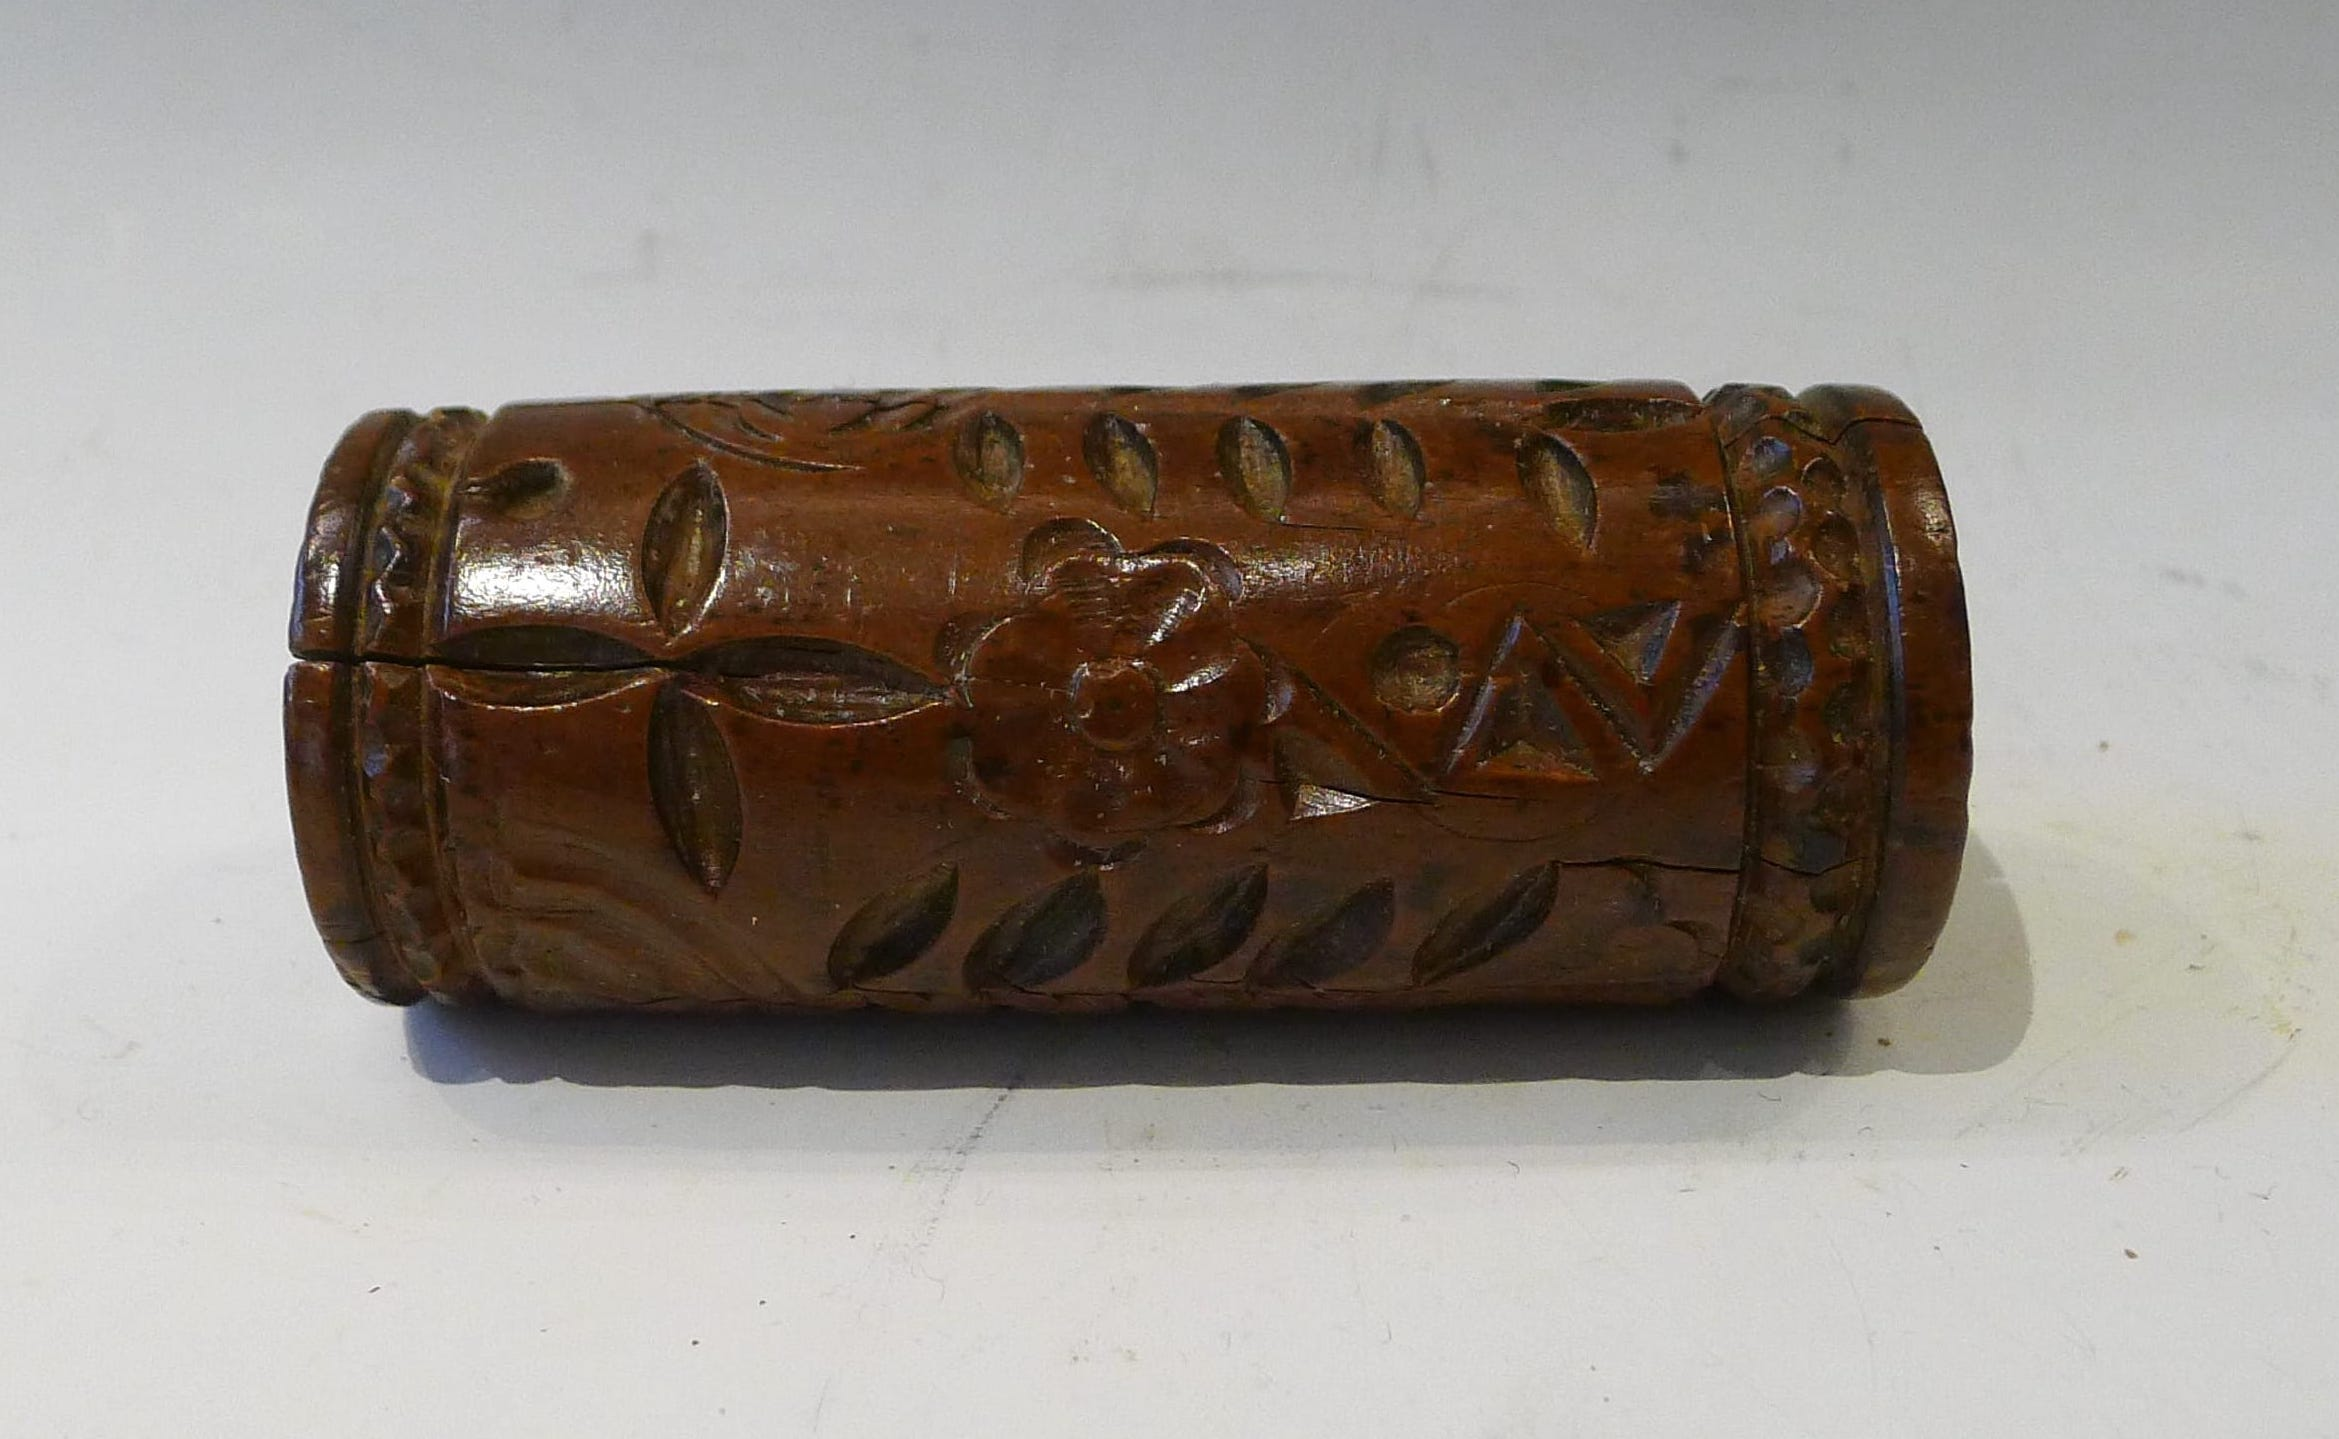 9.Rouleau sculpté en creux d'un arbre de vie, ainsi que 2 fleurs, 2 rameaux, une rosace à 4 pétales, un ostensoir surmonté d'une croix.Bordures chevronnées en relief, légère fente, Normandie, aulne, 18eme. L : 10,5 cm.